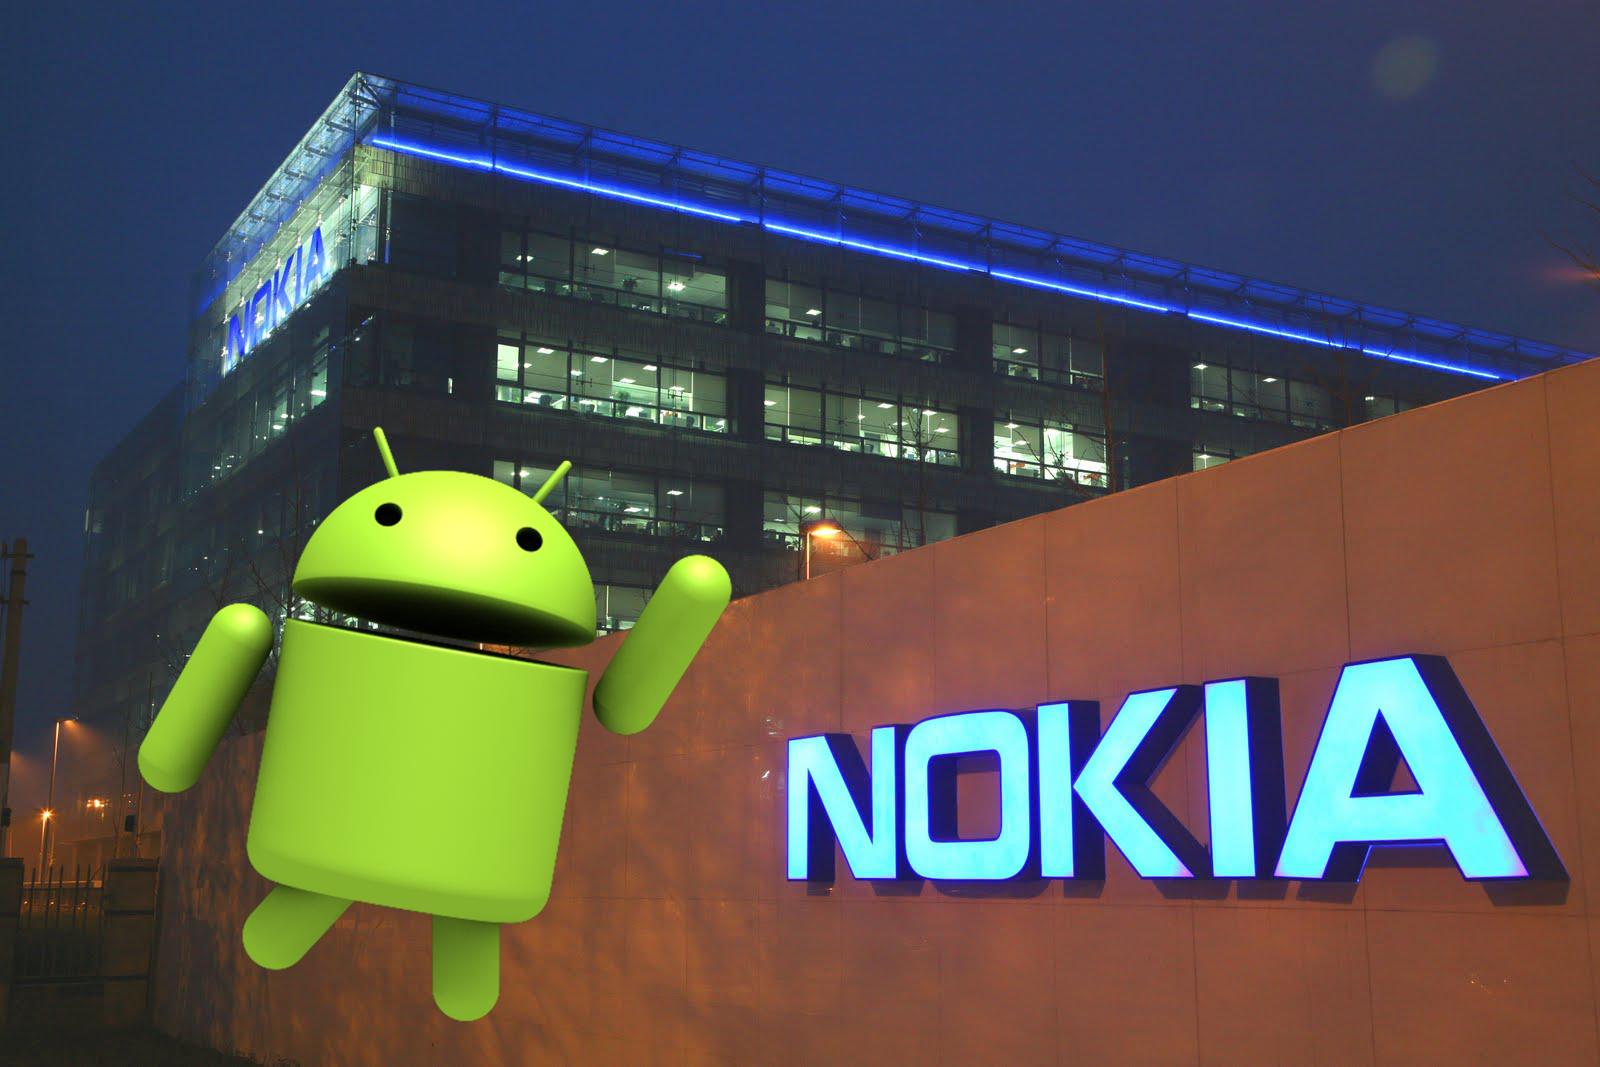 Kovová Nokia na uniklé fotografii, pravděpodobně jde o chystaný model s Androidem